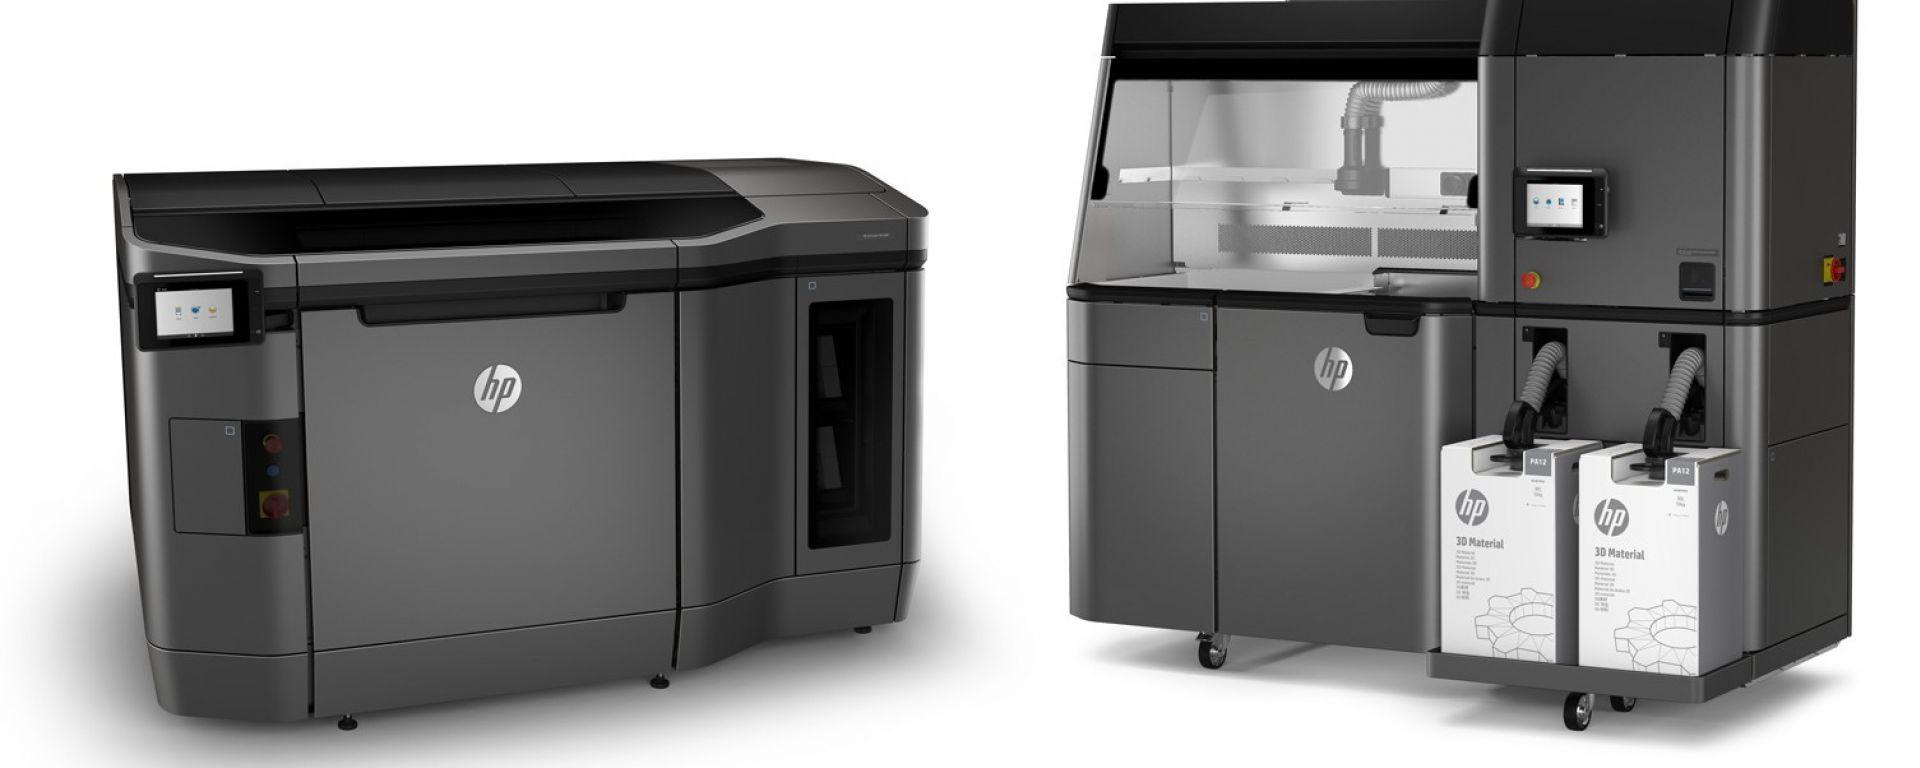 HP con Bmw, Nike, Autodesk e Siemens per la stampa 3D